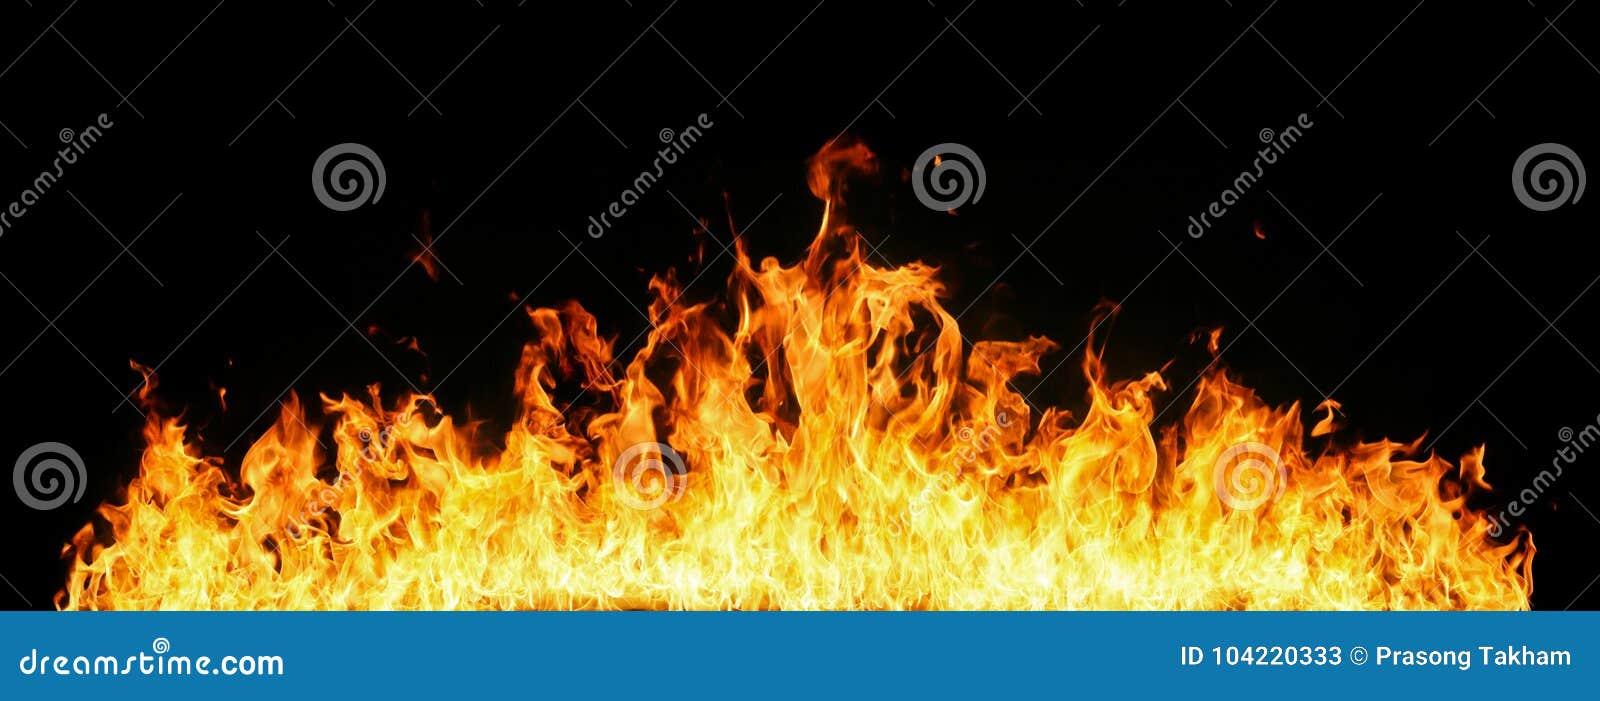 Wand der Flammen